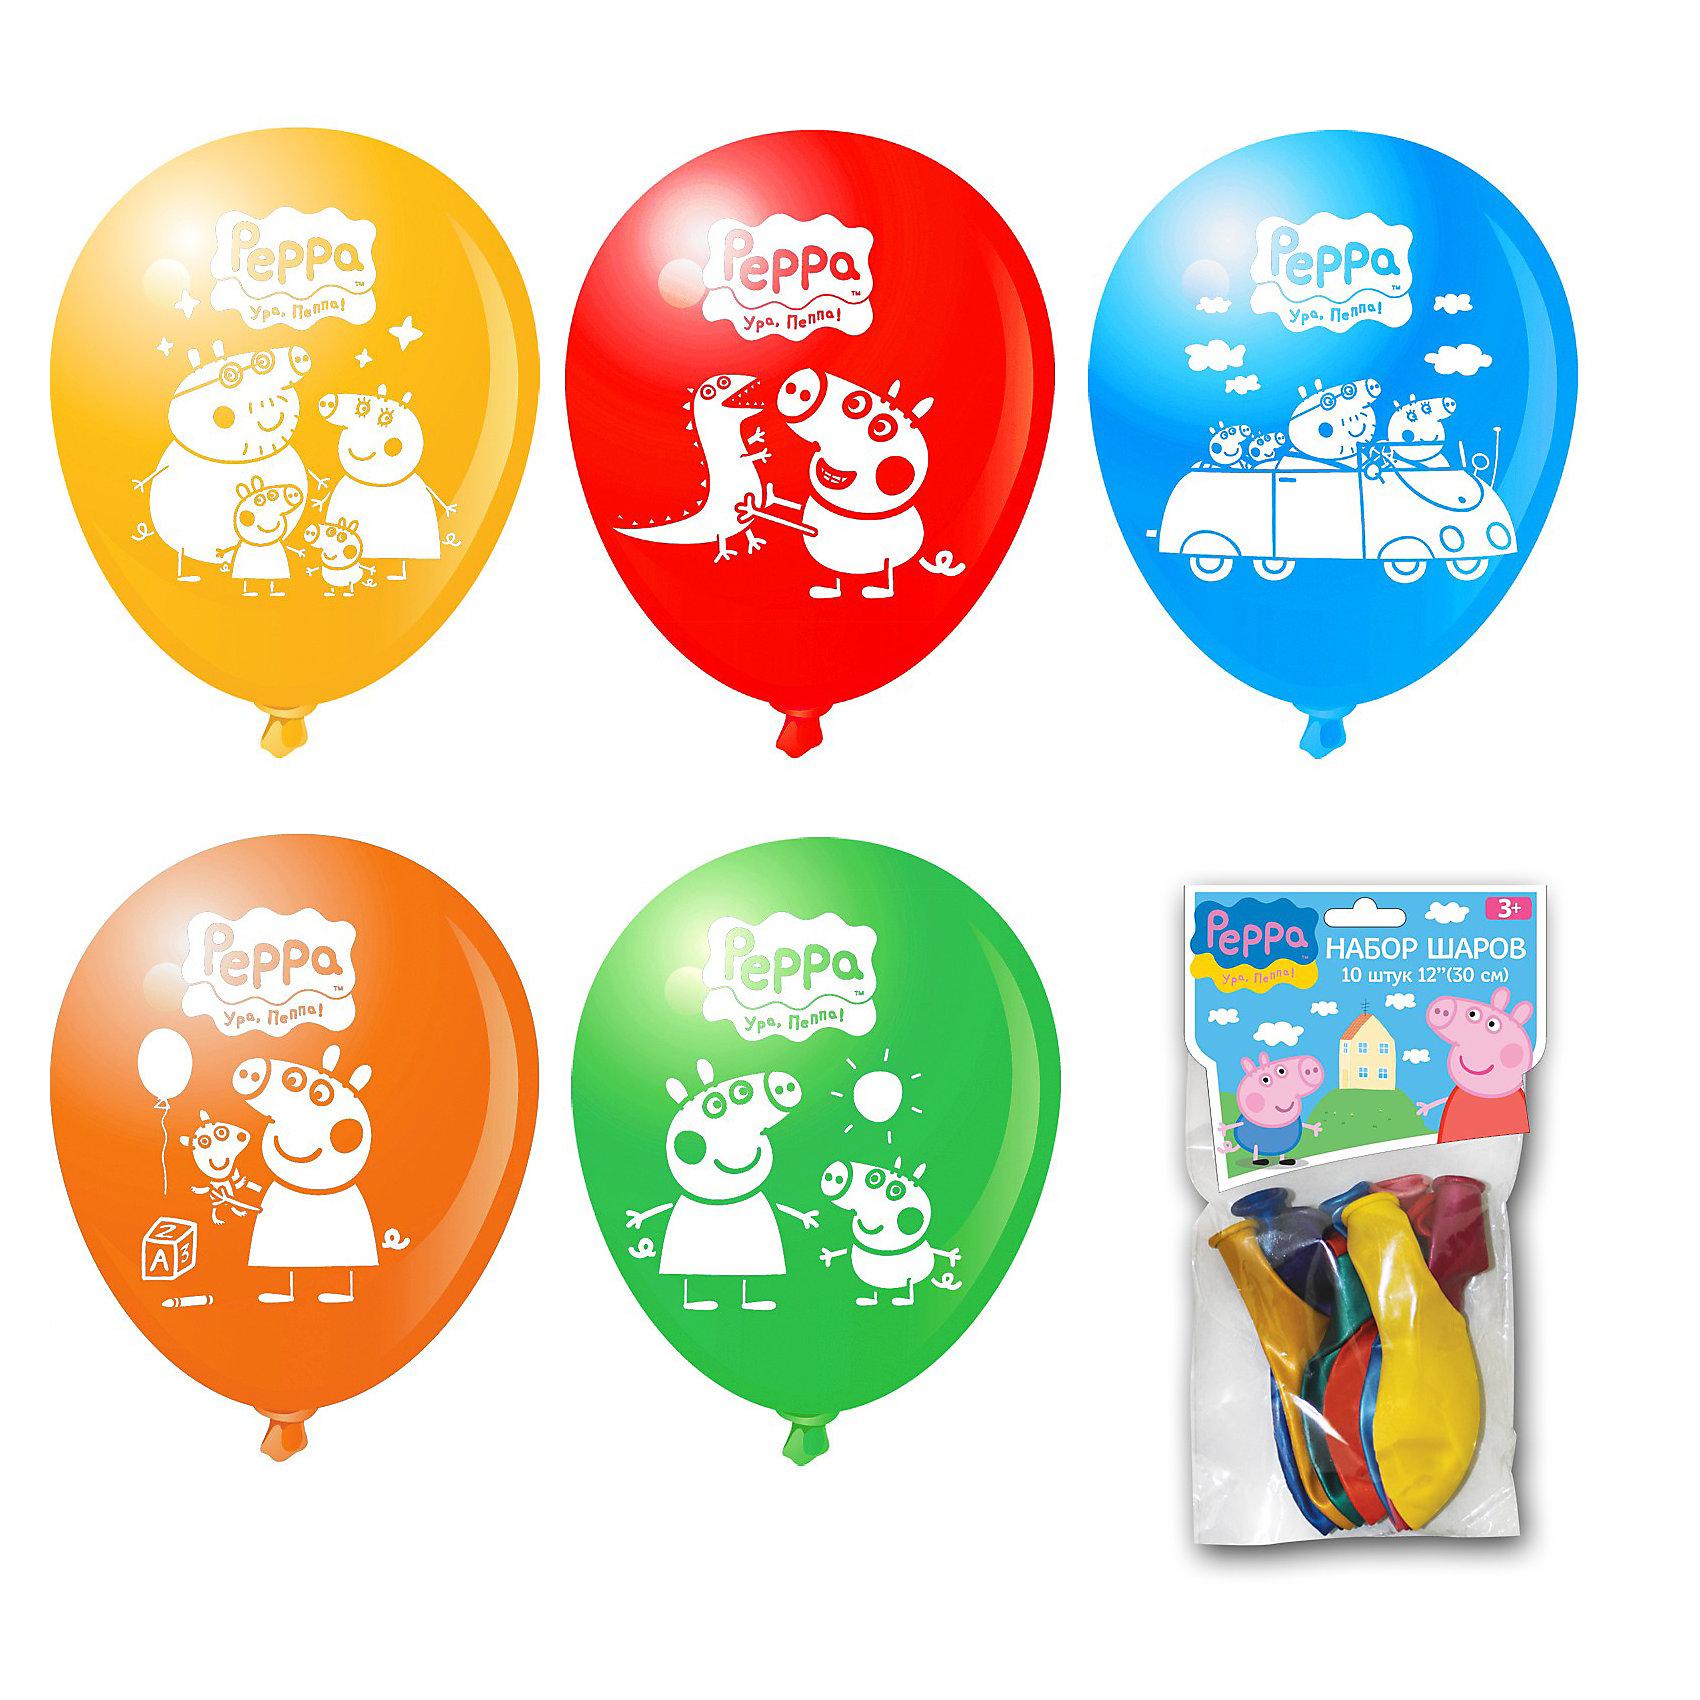 Набор воздушных шариков, 10шт, Свинка ПеппаСвинка Пеппа<br>Набор воздушных шариков, 10шт, Свинка Пеппа (Peppa Pig) – красивые и яркие шарики с героями любимого мультфильма.<br><br>Воздушные шарики станут прекрасным украшением детского праздника. Ими можно и играть и декорировать интерьер, сделав приятный сюрприз для ребенка. Кроме того шарики могут стать прекрасным дополнением к подарку, ведь все дети так любят воздушные шары!<br><br>Дополнительная информация:<br>- диаметр: 30 см<br>- цвета в ассортименте<br><br>ВНИМАНИЕ! Данный артикул имеется в наличии в разных цветовых исполнениях. Заранее выбрать определенный цвет нельзя.  <br><br>Набор воздушных шариков, 10шт, Свинка Пеппа (Peppa Pig) порадует маленьких любителей воздушных шаров и свинки Пеппы.<br><br>Набор воздушных шариков, 10шт, Свинка Пеппа (Peppa Pig) можно купить в нашем магазине.<br><br>Ширина мм: 230<br>Глубина мм: 130<br>Высота мм: 50<br>Вес г: 50<br>Возраст от месяцев: 36<br>Возраст до месяцев: 108<br>Пол: Унисекс<br>Возраст: Детский<br>SKU: 3677871